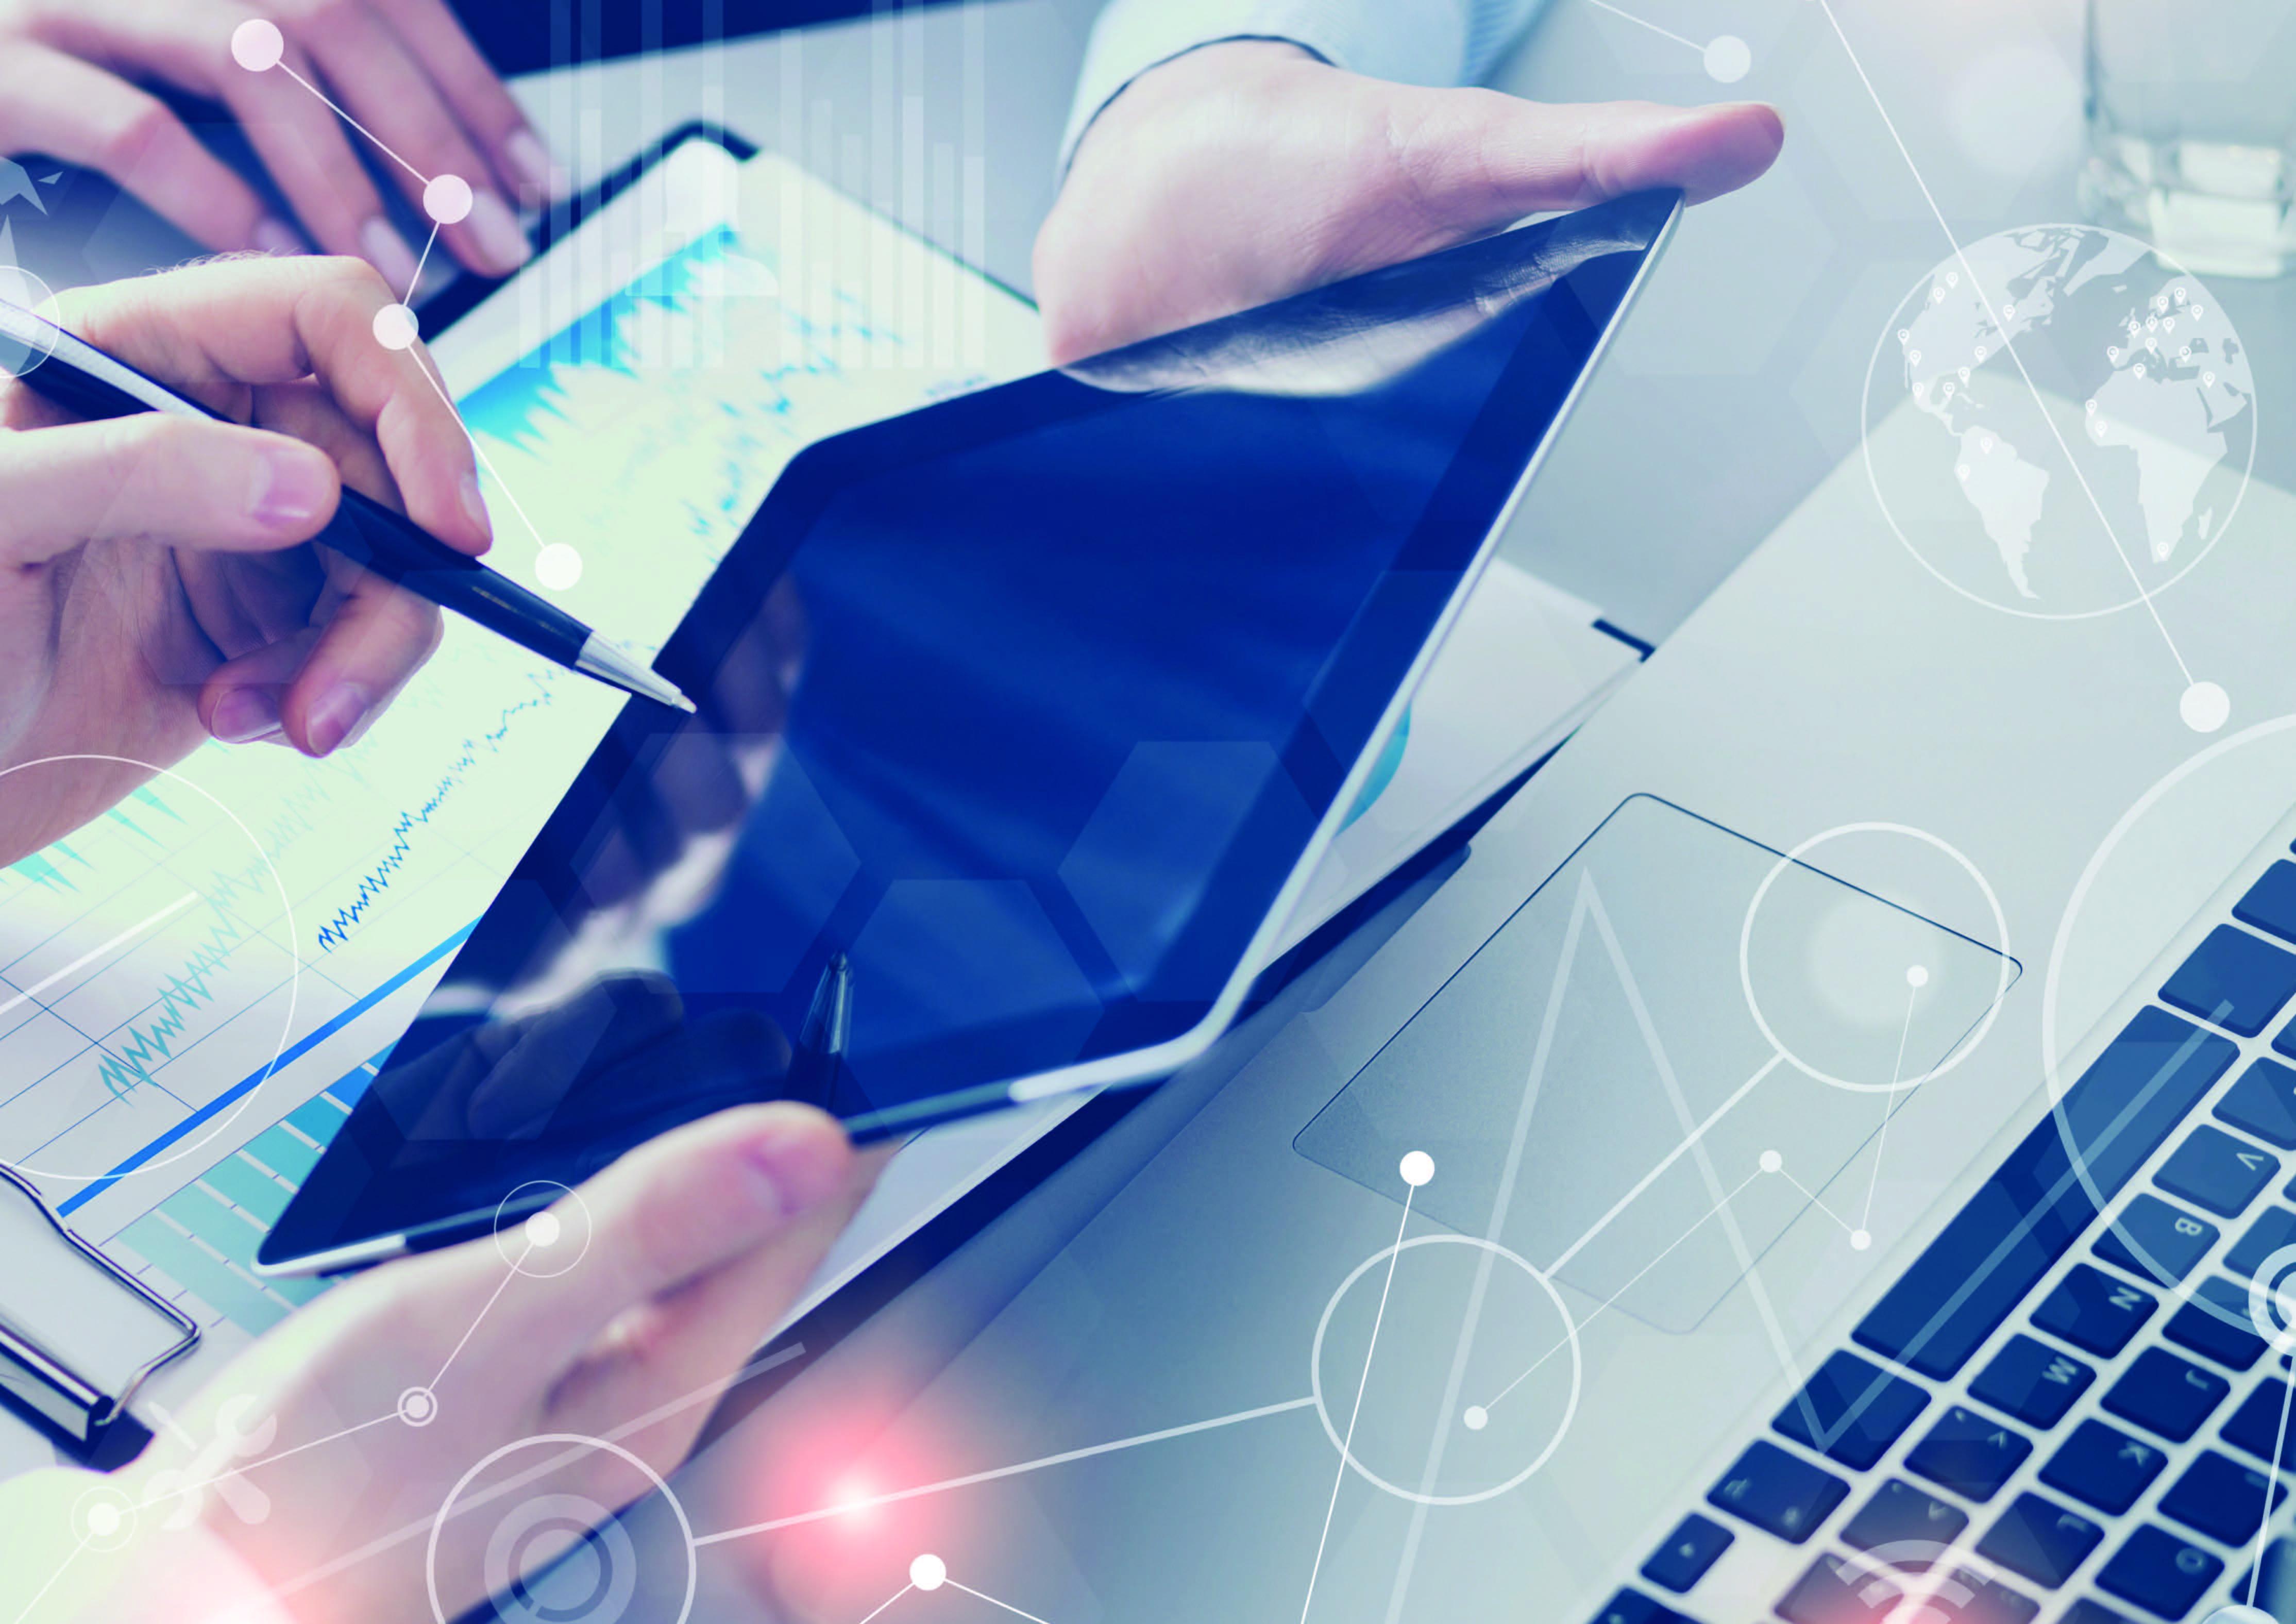 SAP HCM & SuccessFactors customers p12